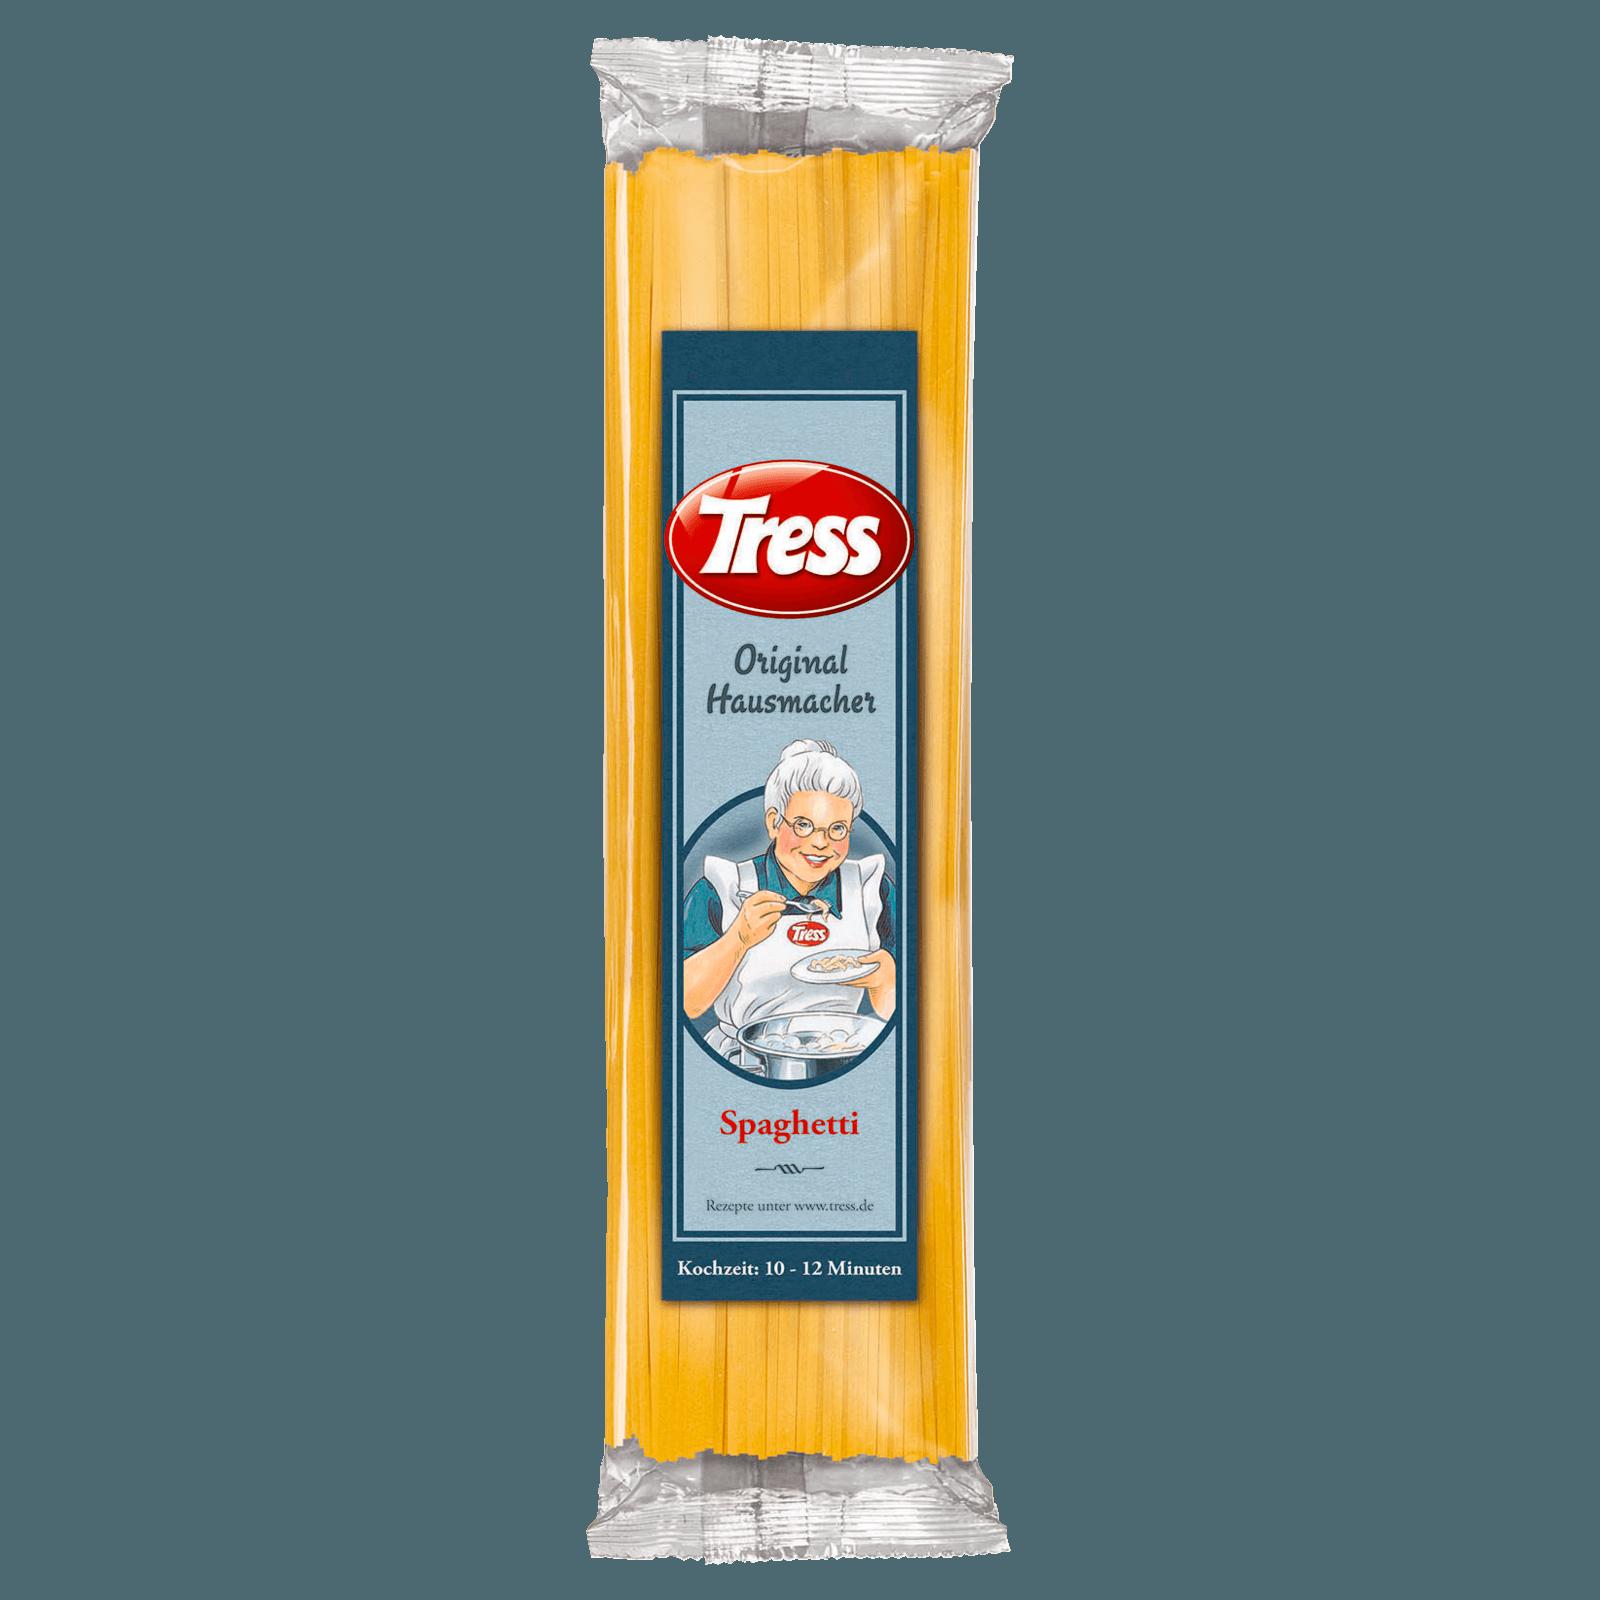 Tress Hausmacher Spaghetti 500g